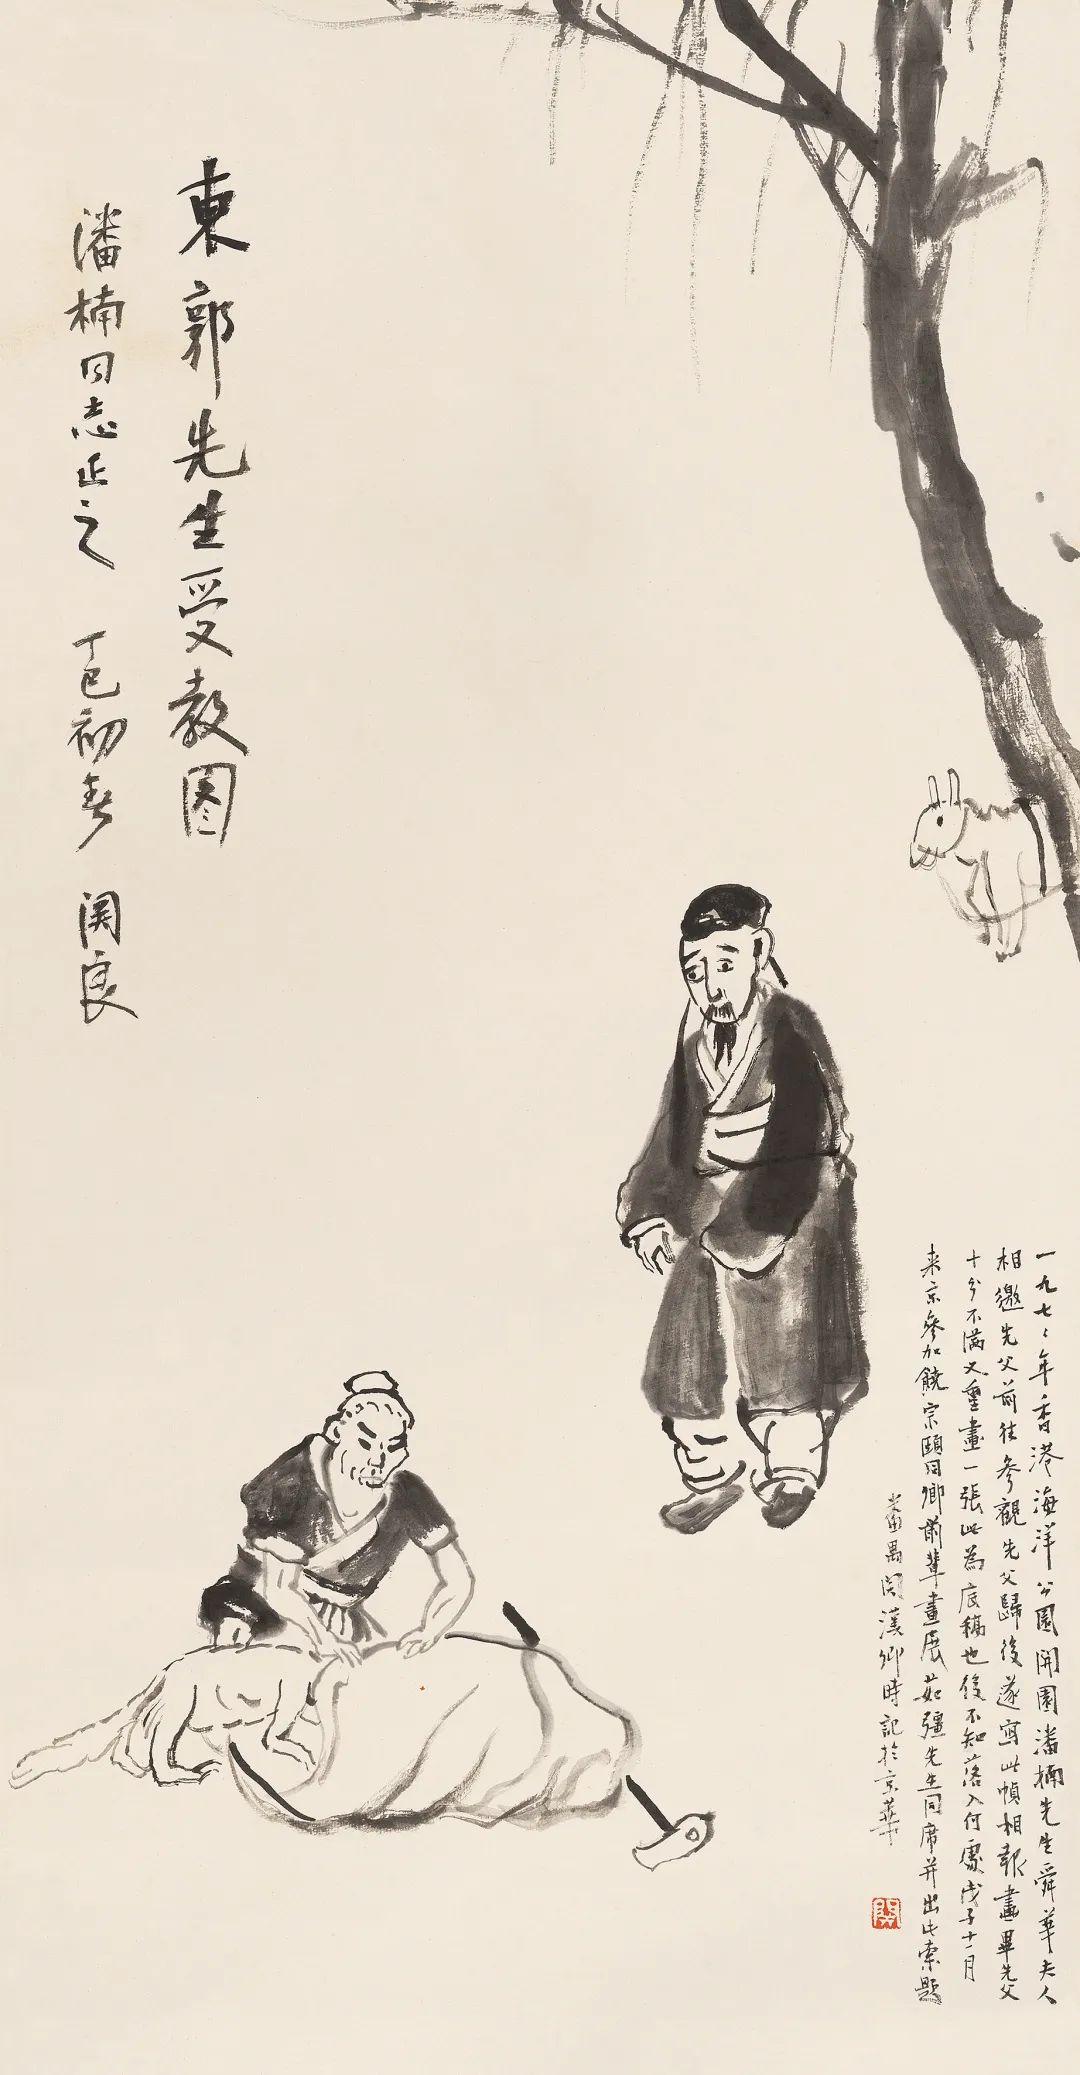 网络文物拍卖会(第二届)——翰墨因缘(三)书画作品专场